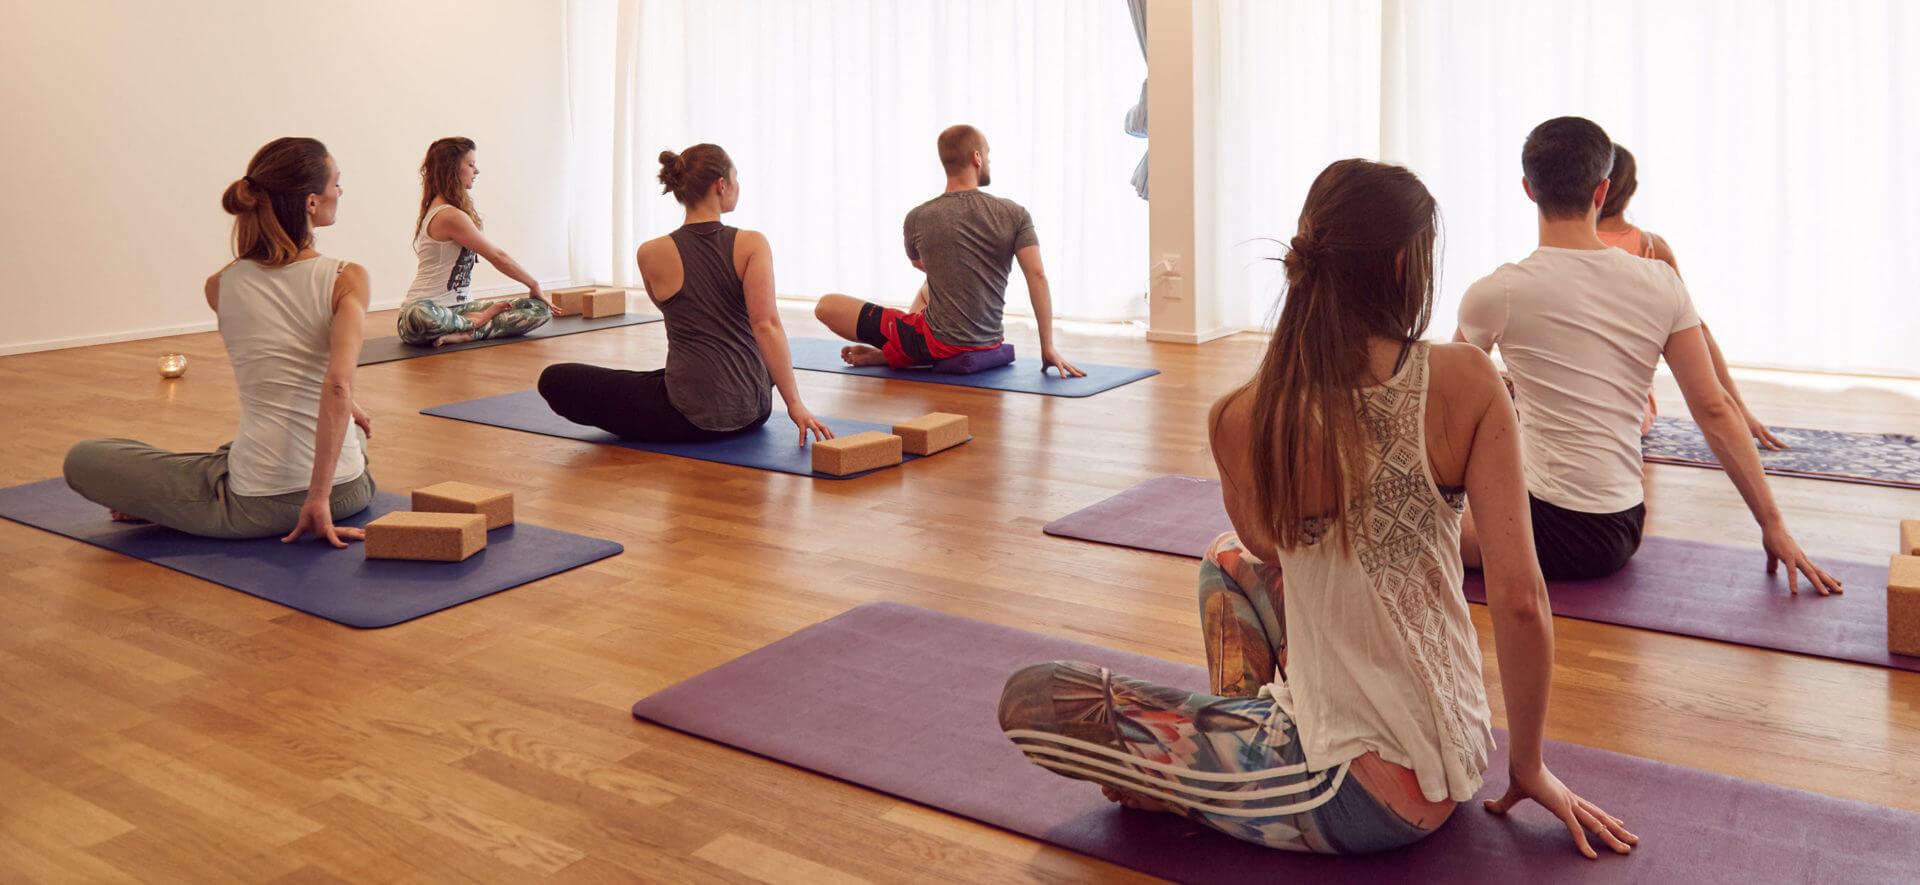 Bild beim Yoga in einer Gruppe